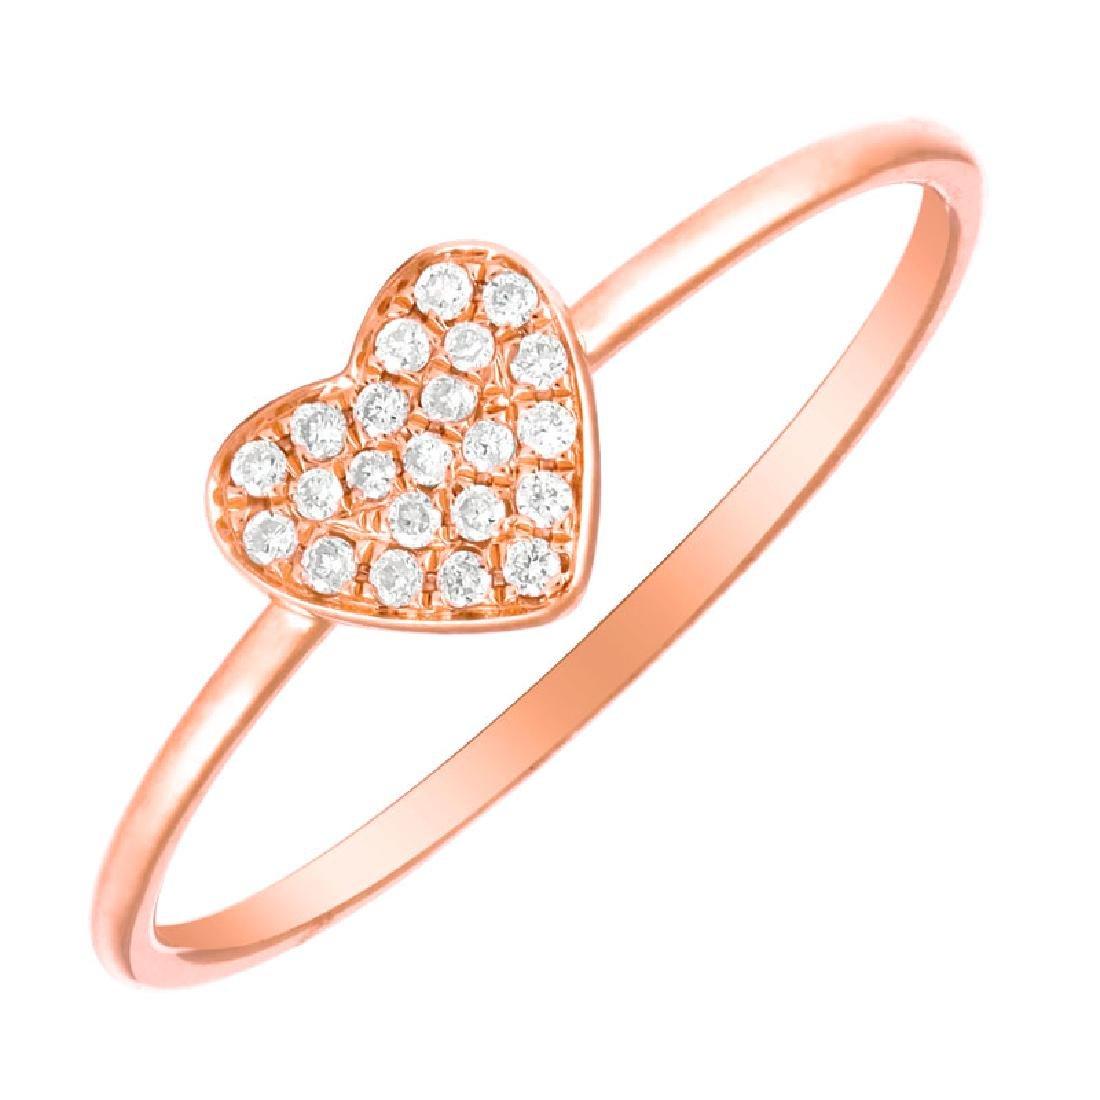 14KT Rose Gold Women's Diamond Ring